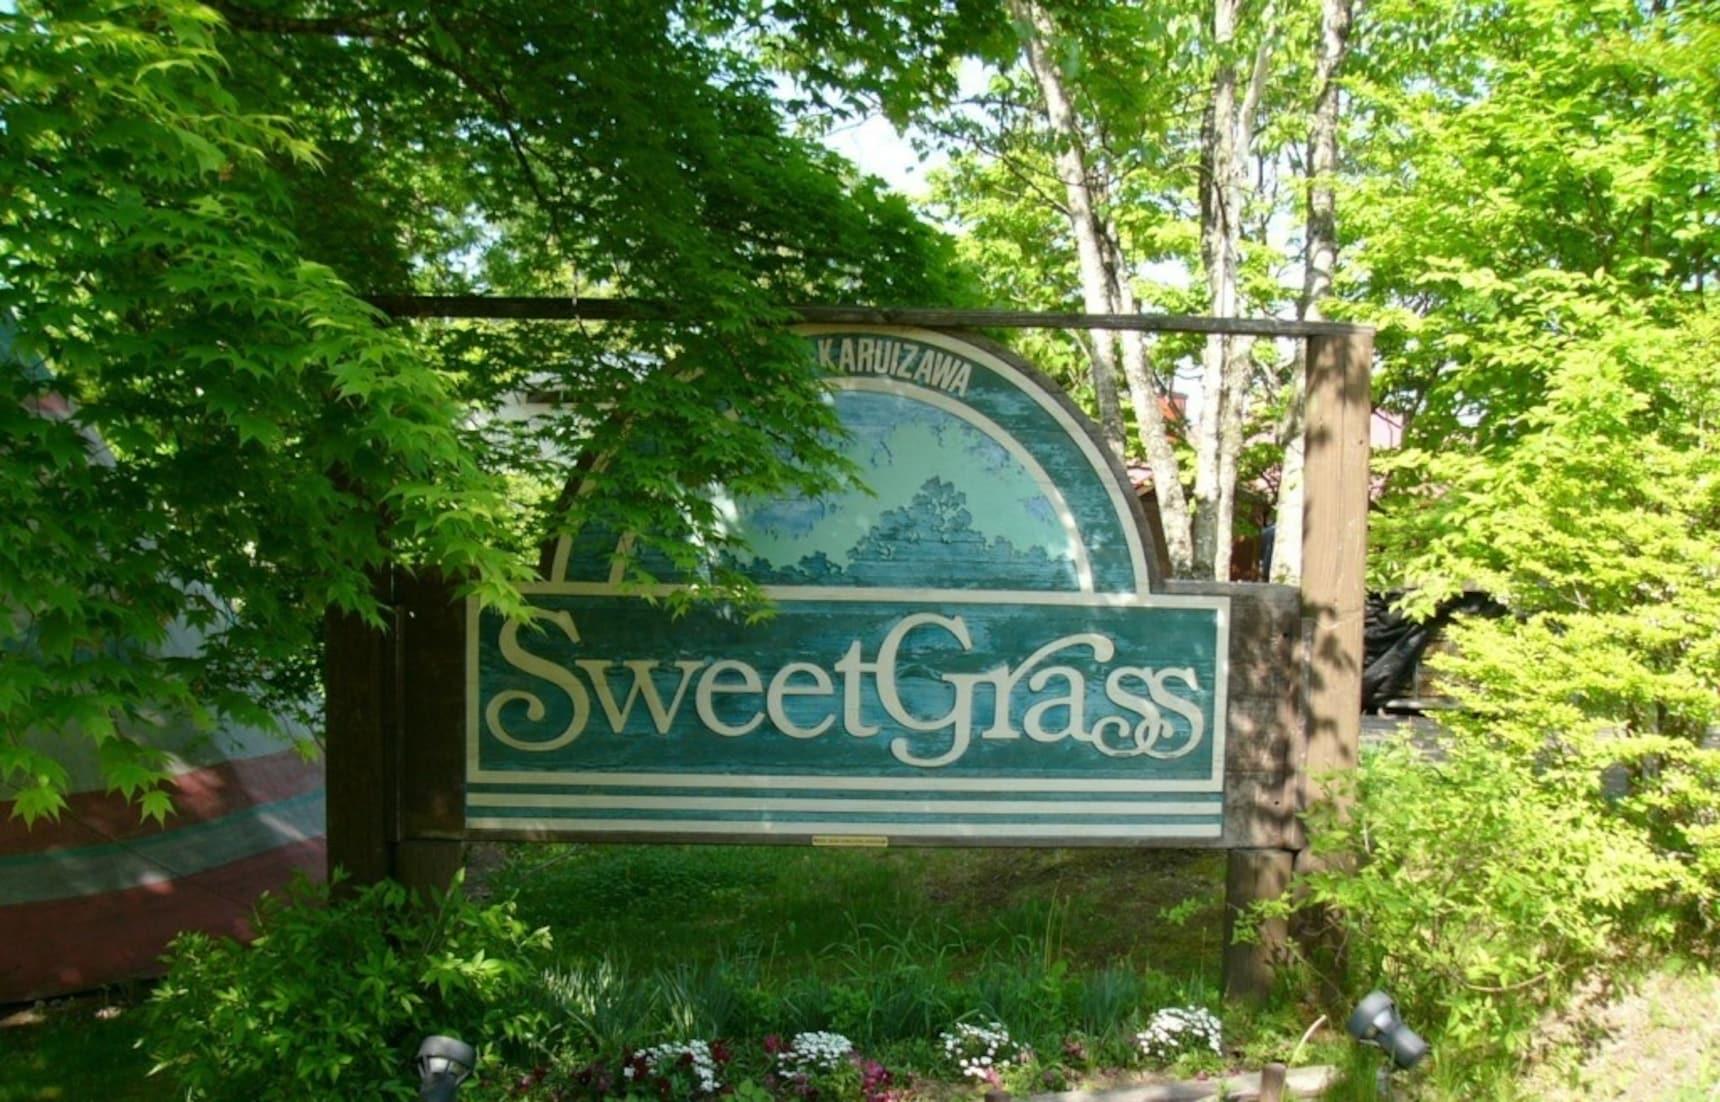 体验木精灵们的生活 — 北轻井泽SWEET GRASS度假村